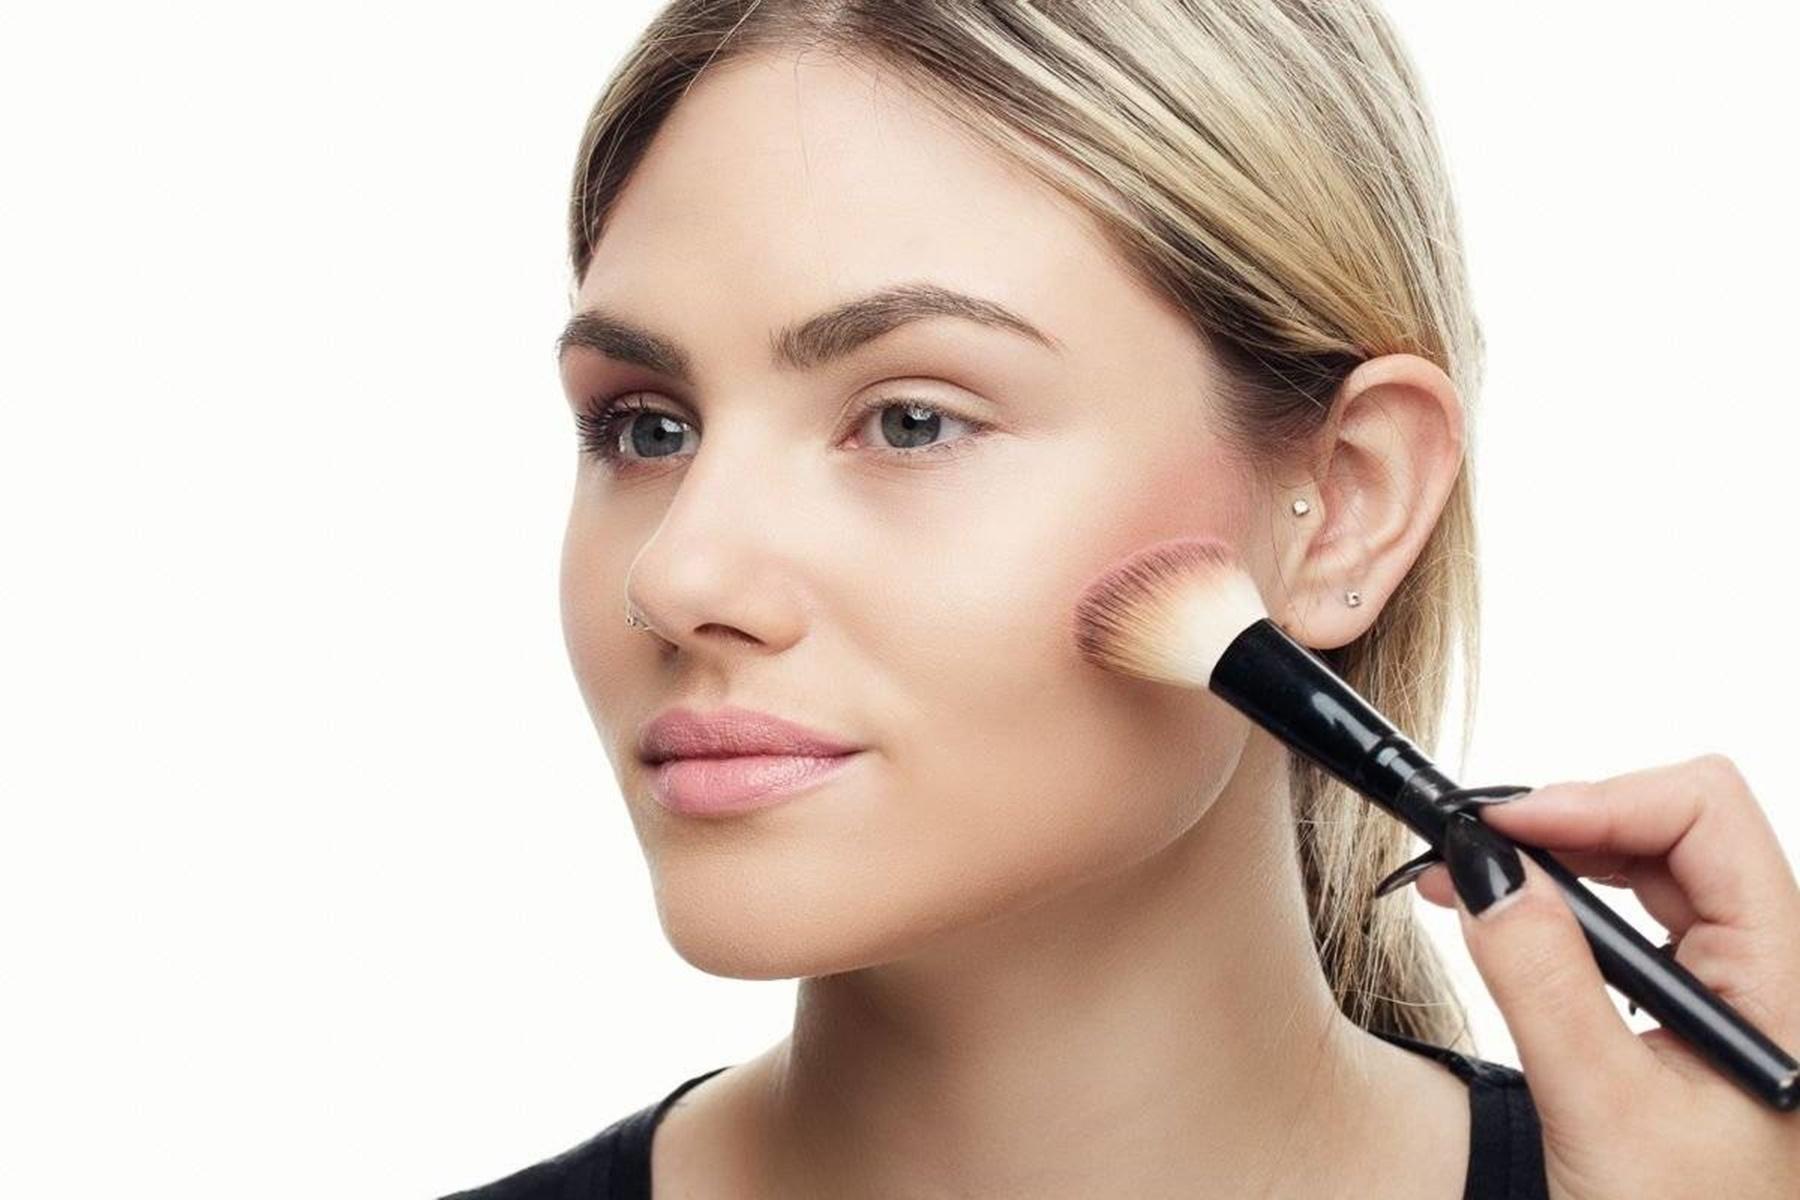 Μακιγιάζ Draping: Κάνε Contouring με χρώματα της επιλογής σου